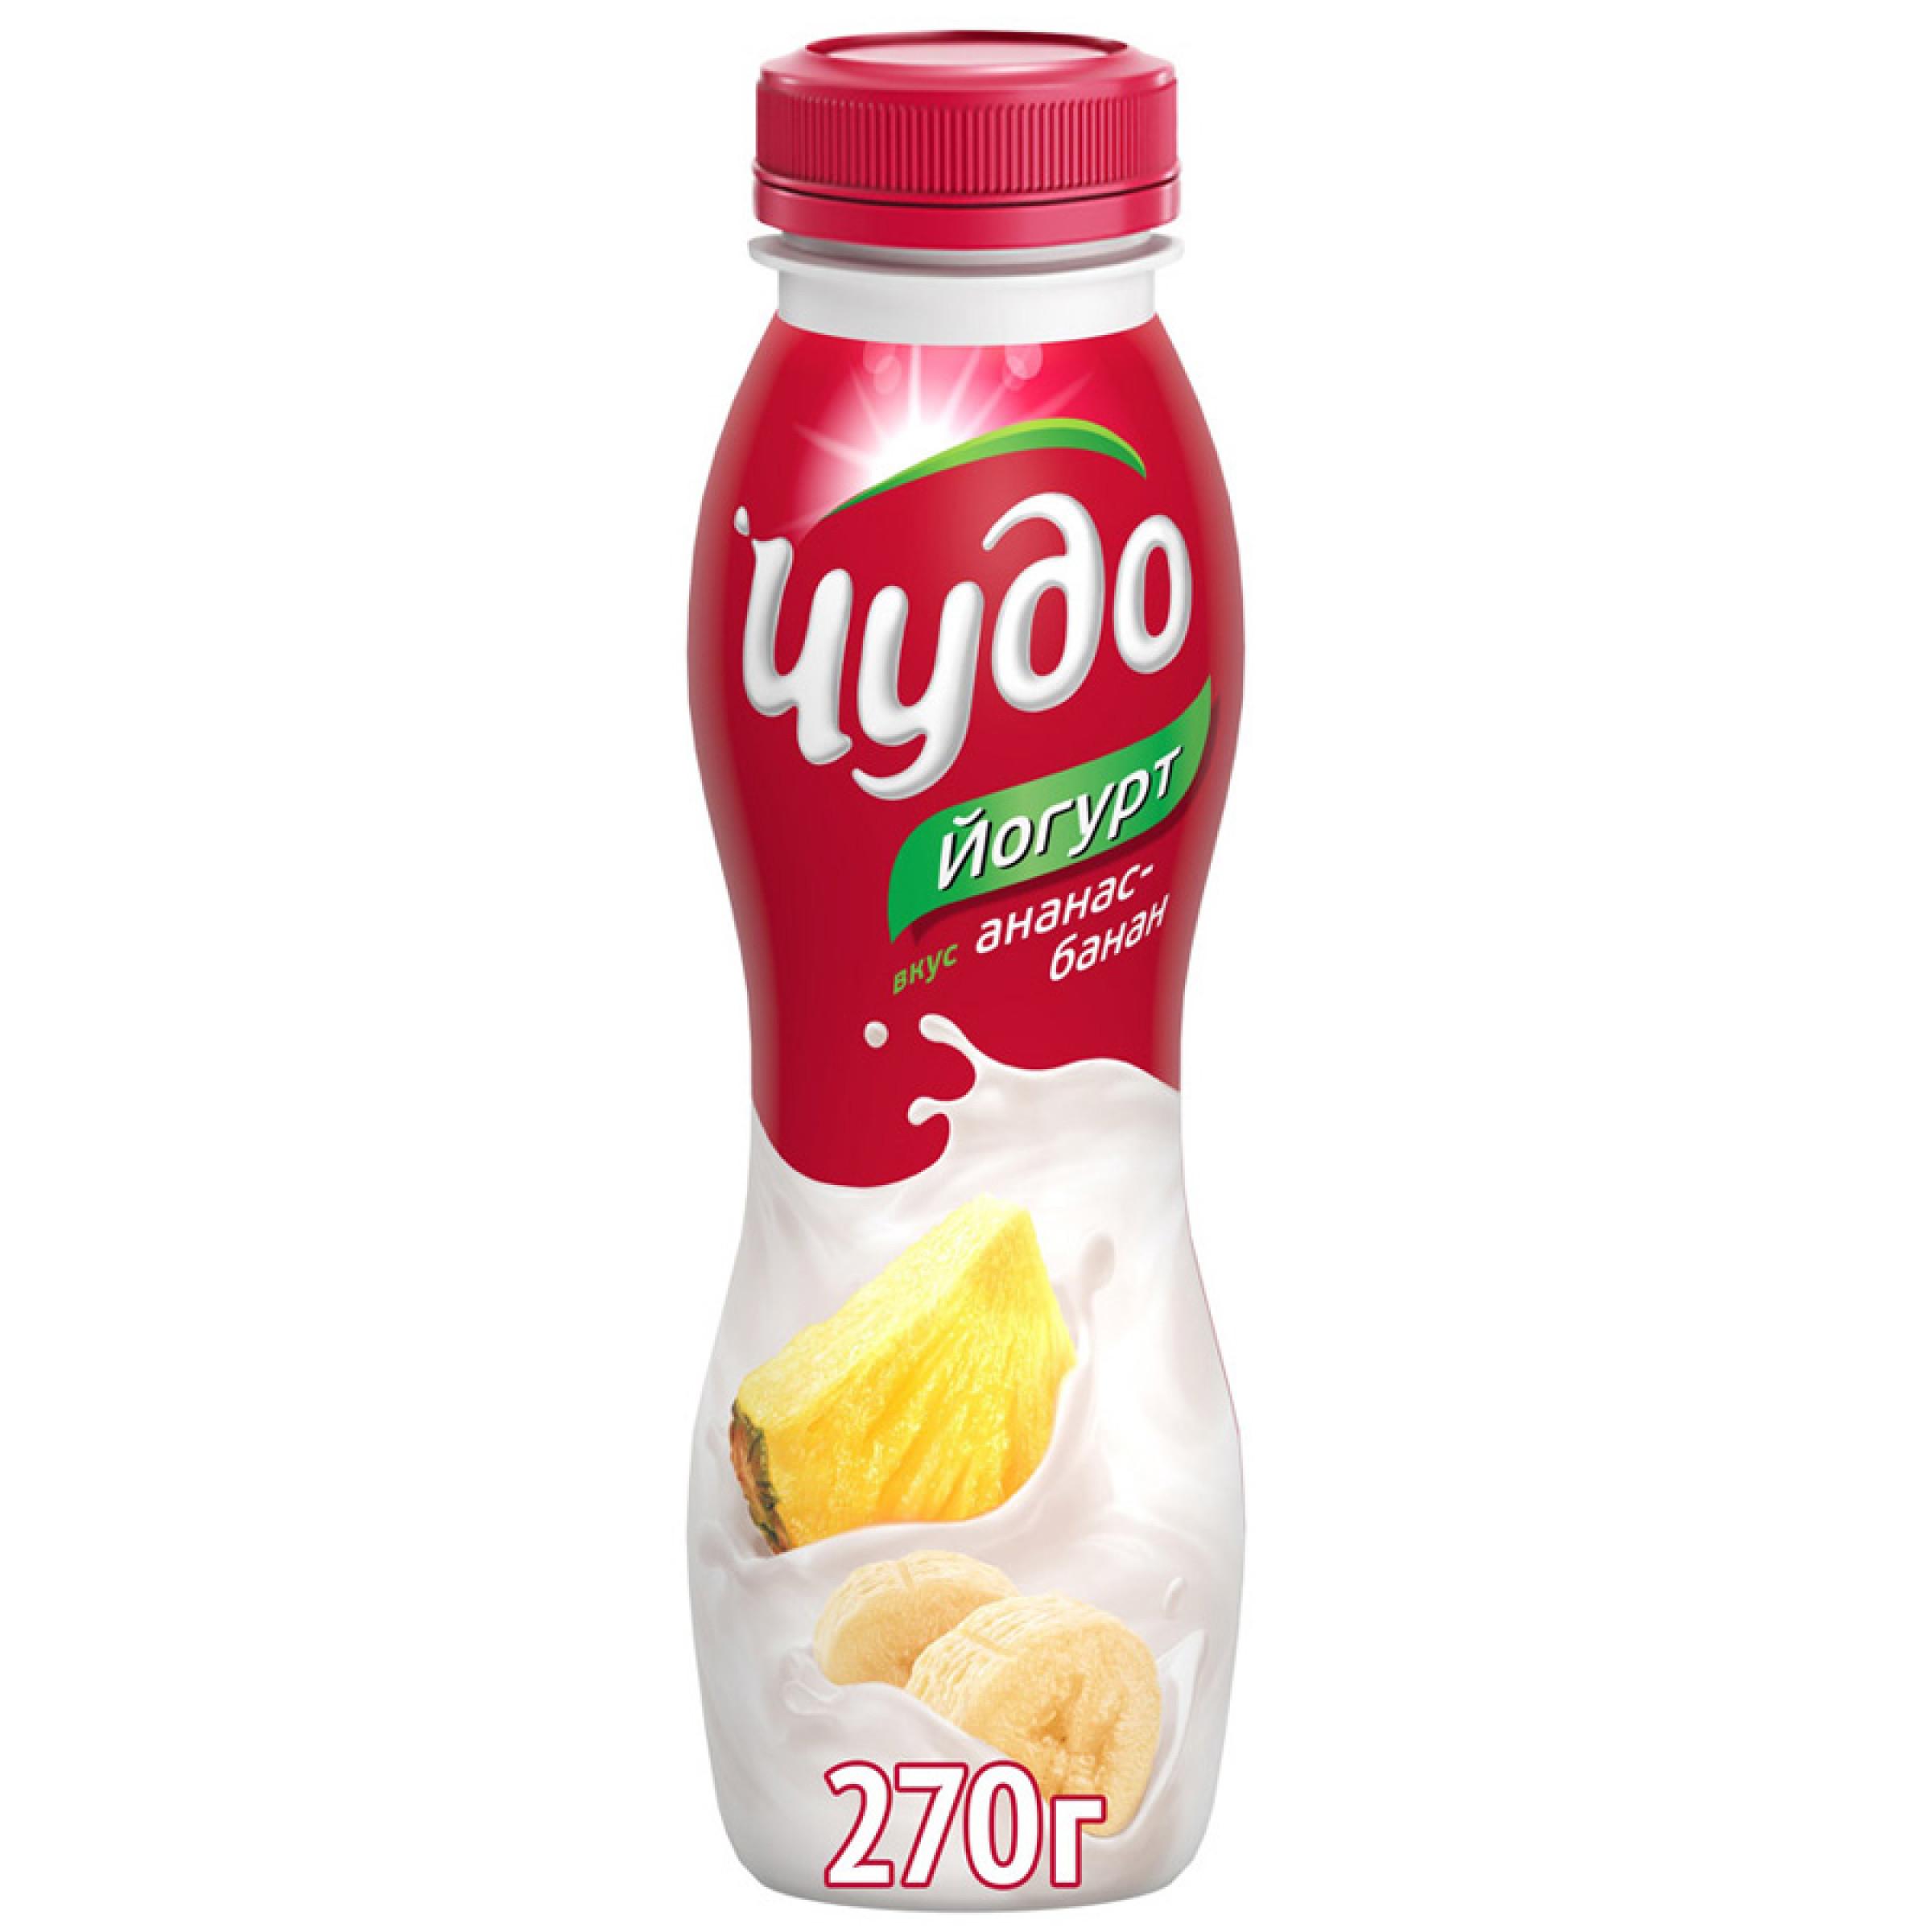 Йогурт питьевой 2. 4% Чудо ананас-банан, 270гр